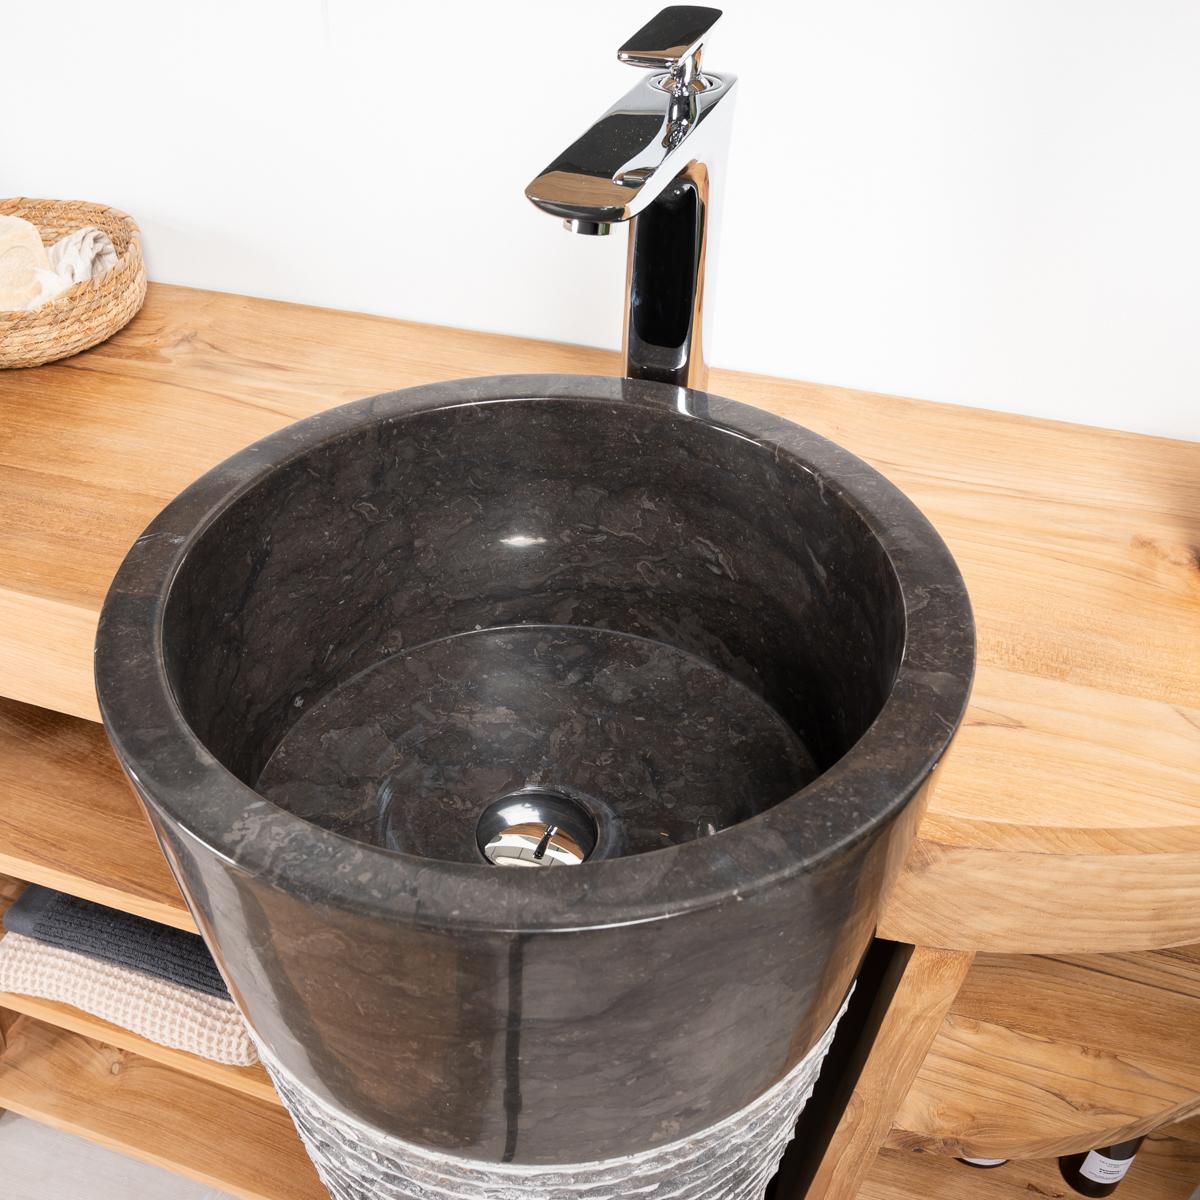 Meuble sous vasque (double vasque) en bois (teck) massif + vasques ...